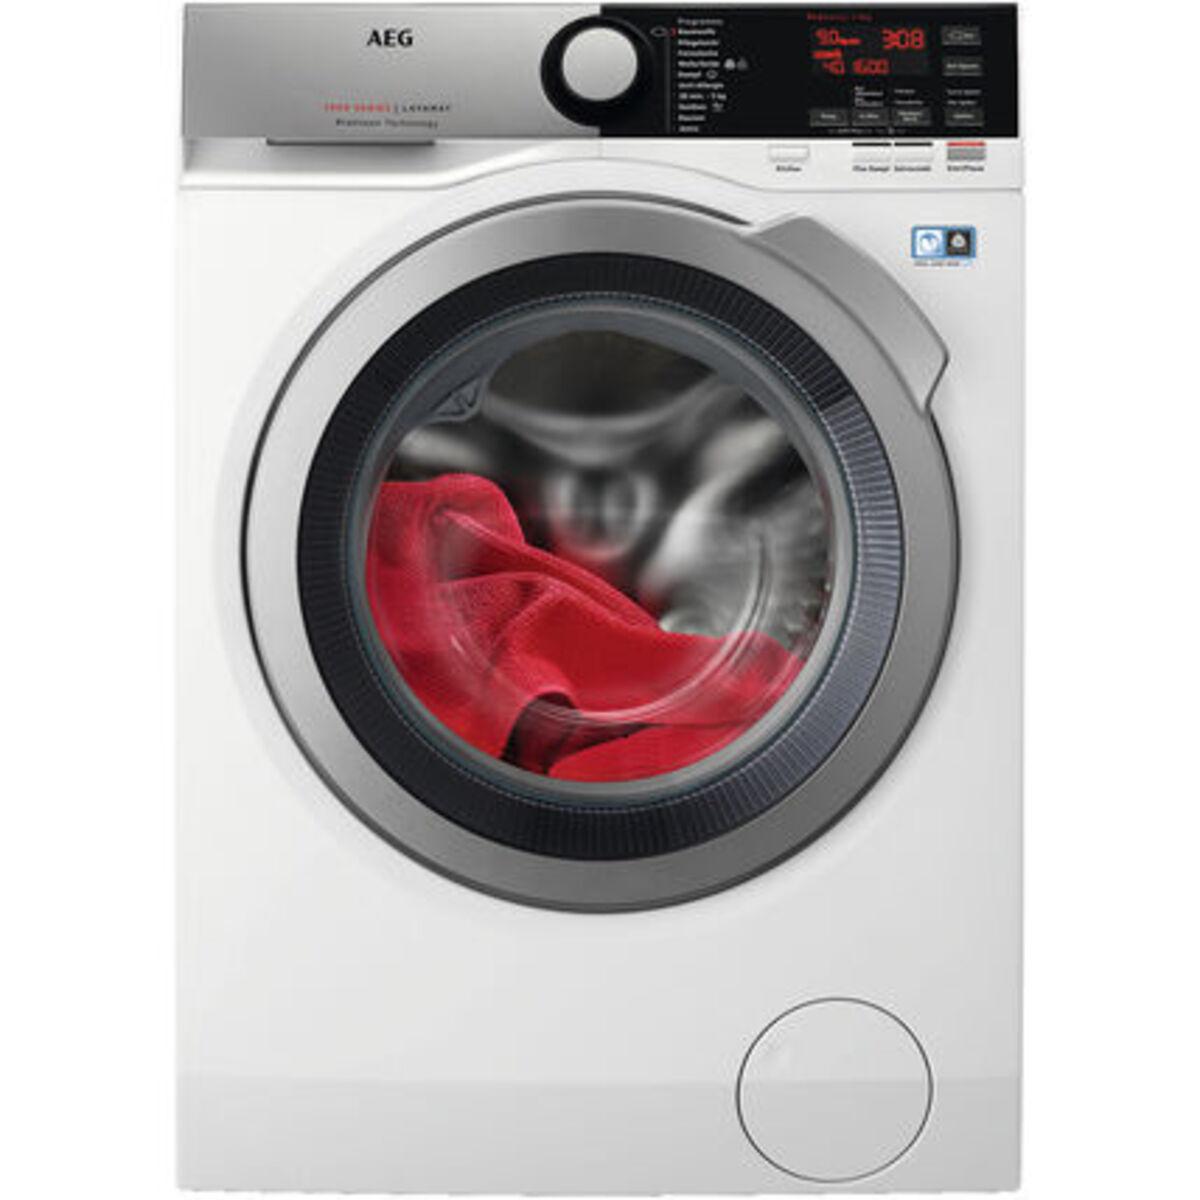 Bild 1 von AEG Lavamat L7FE76695, Waschmaschine, A+++